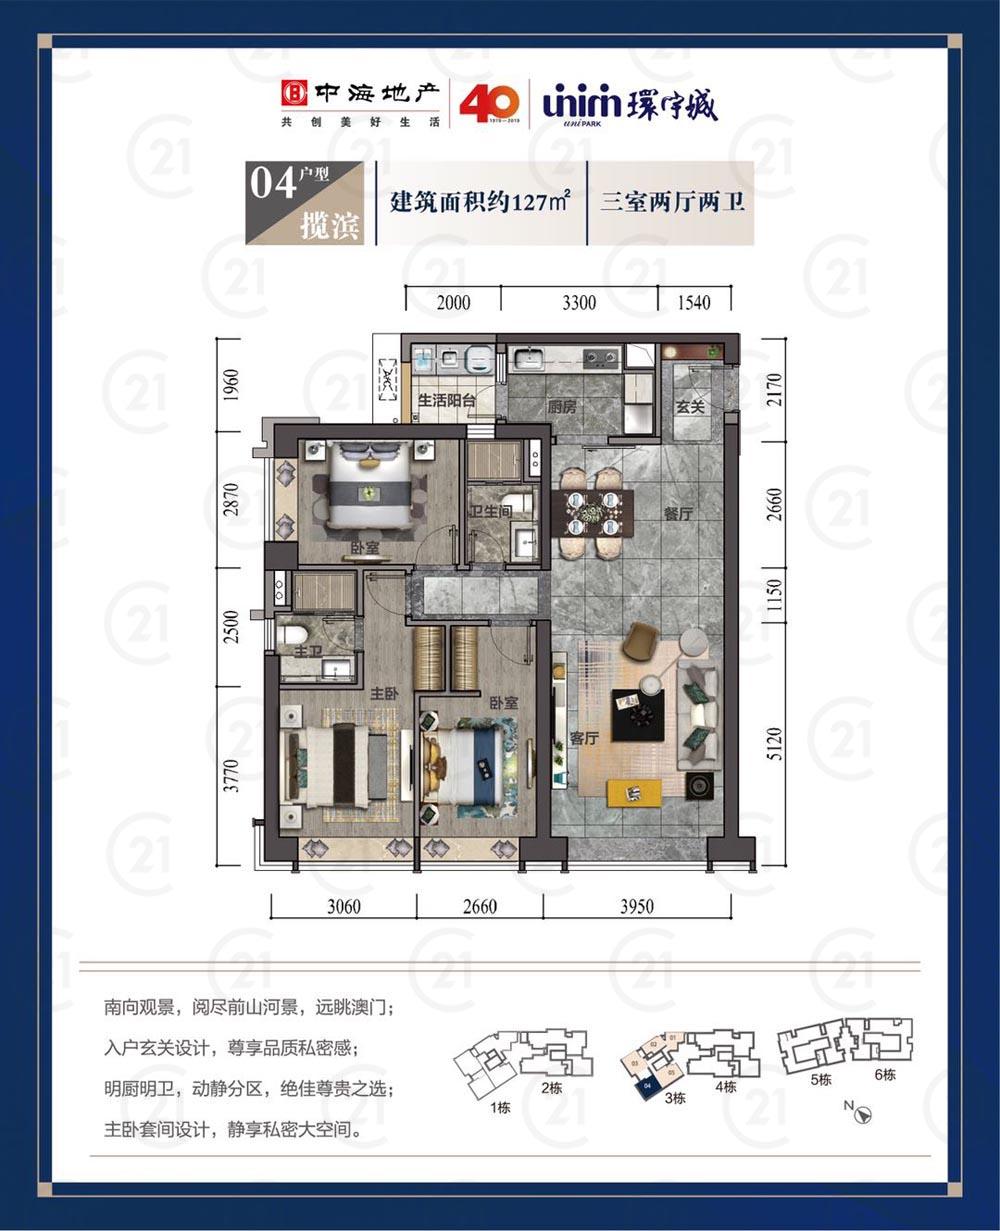 5中海环宇城-微信图片_20190603160557